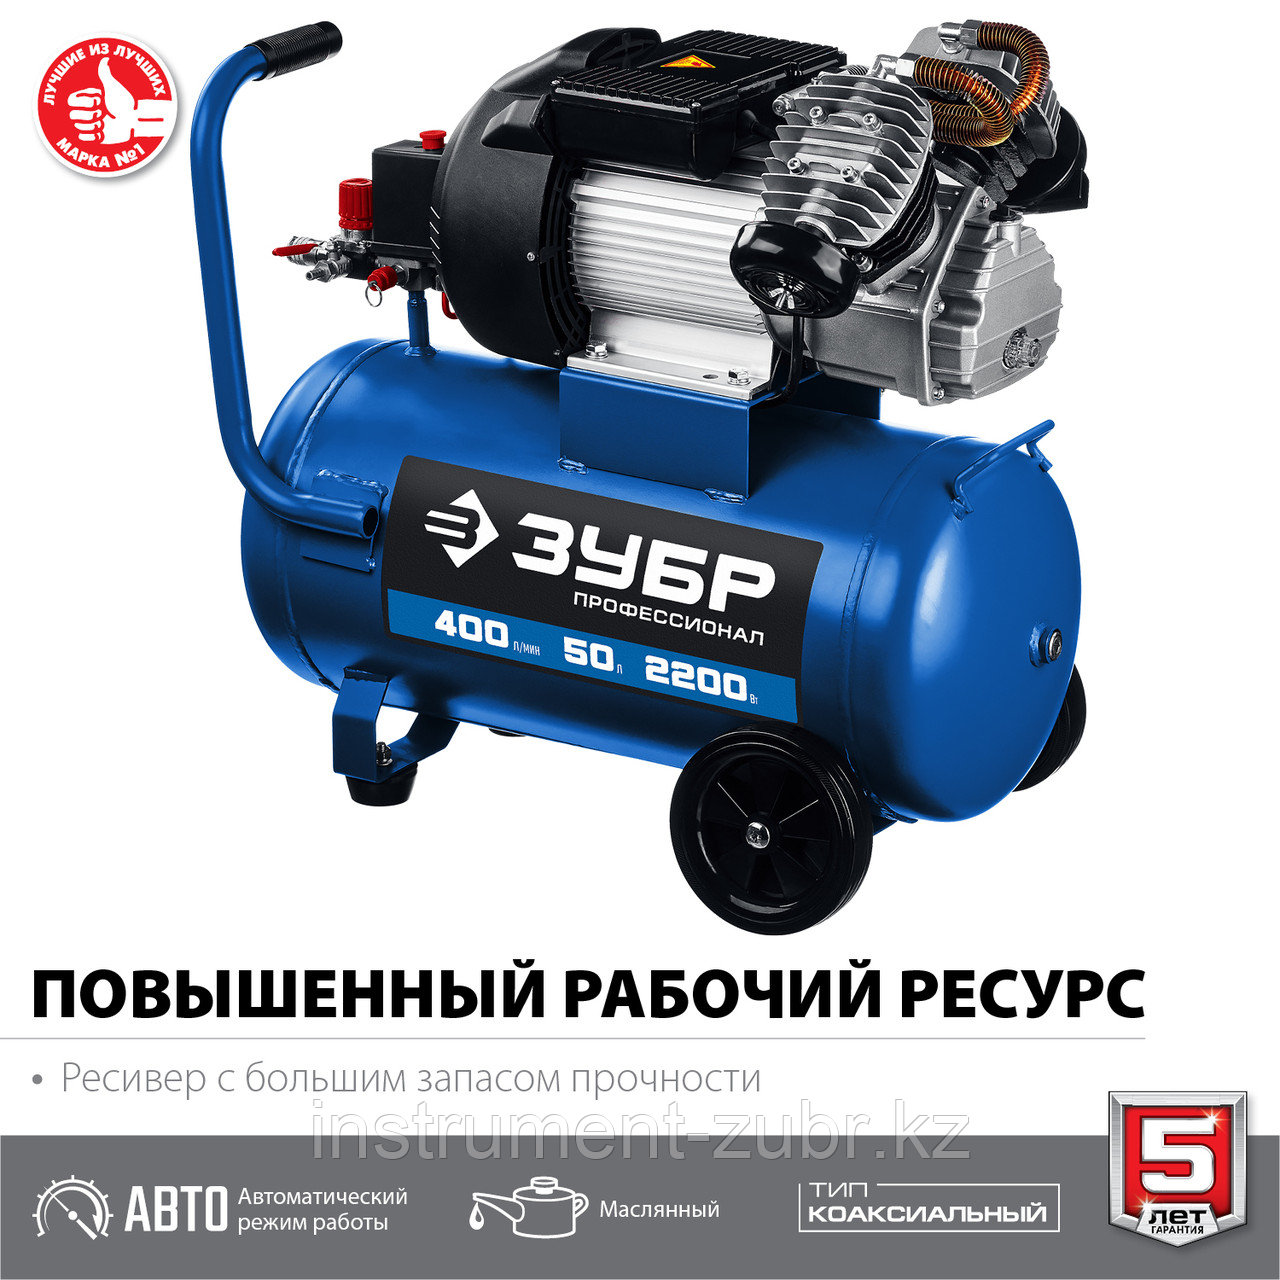 Компрессор воздушный, 400 л/мин, 50 л, 2200 Вт, ЗУБР - фото 4